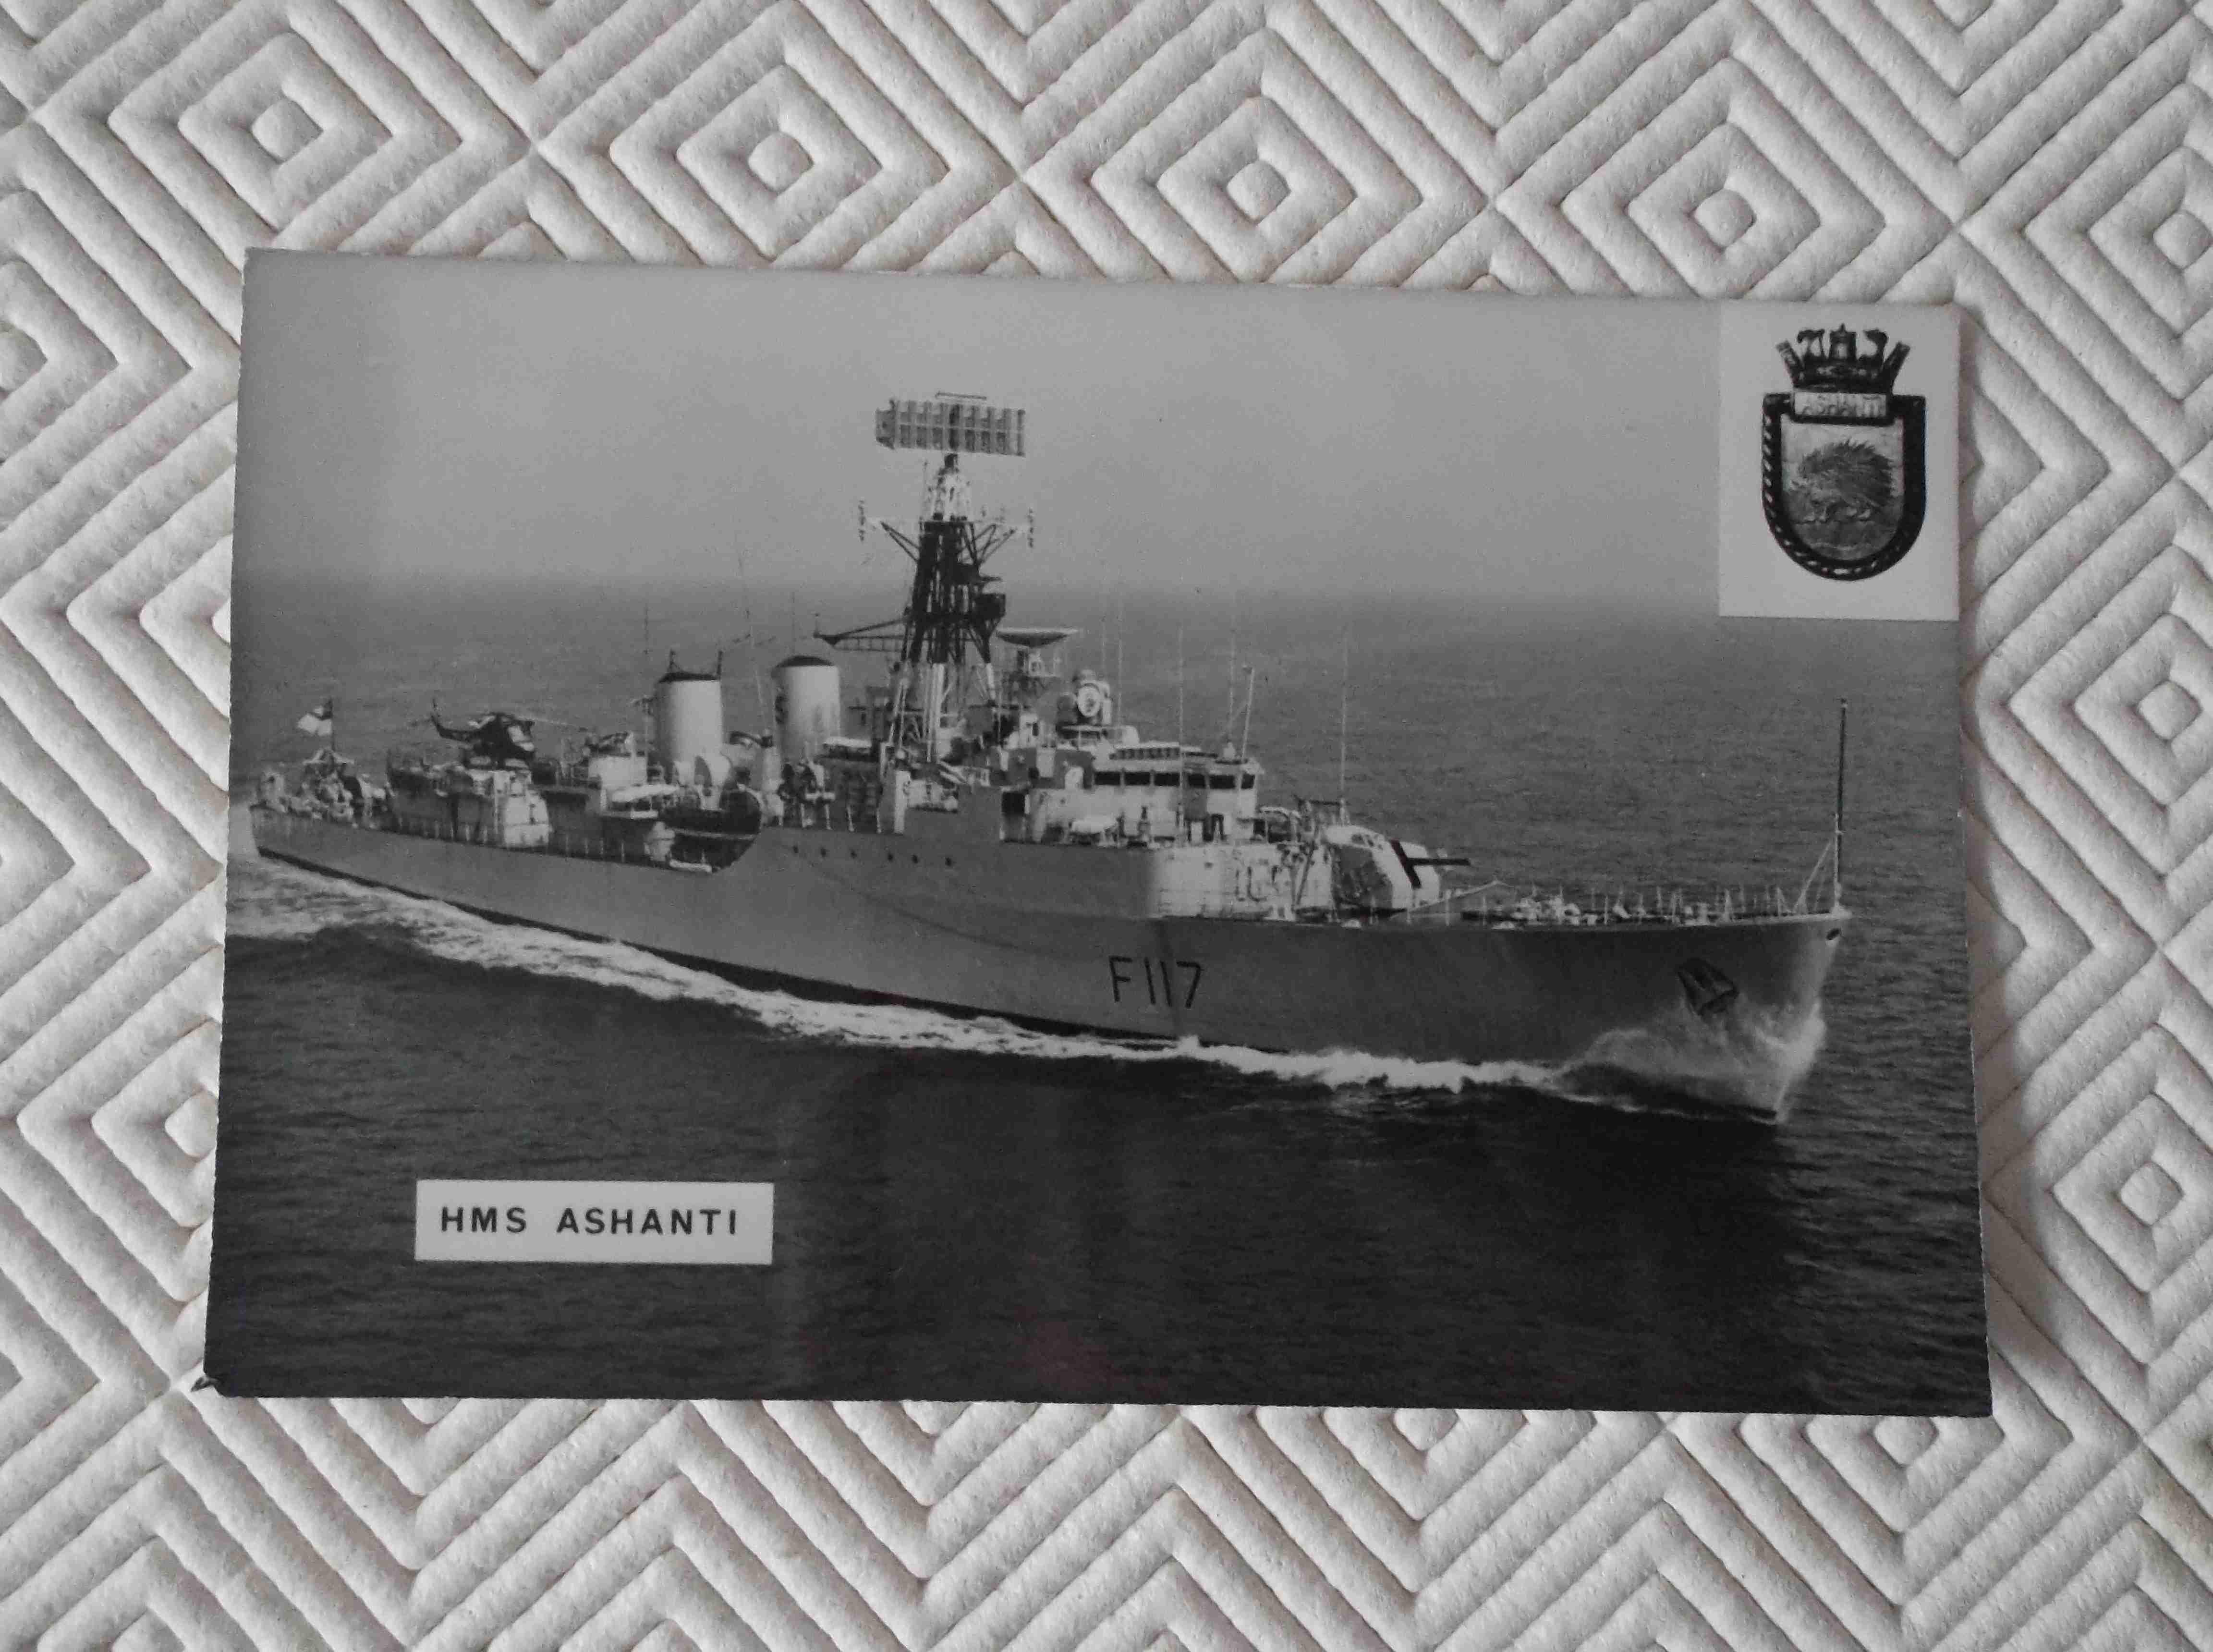 POSTCARD SIZE PHOTOGRAPH OF THE ROYAL NAVAL VESSEL HMS ASHANTI